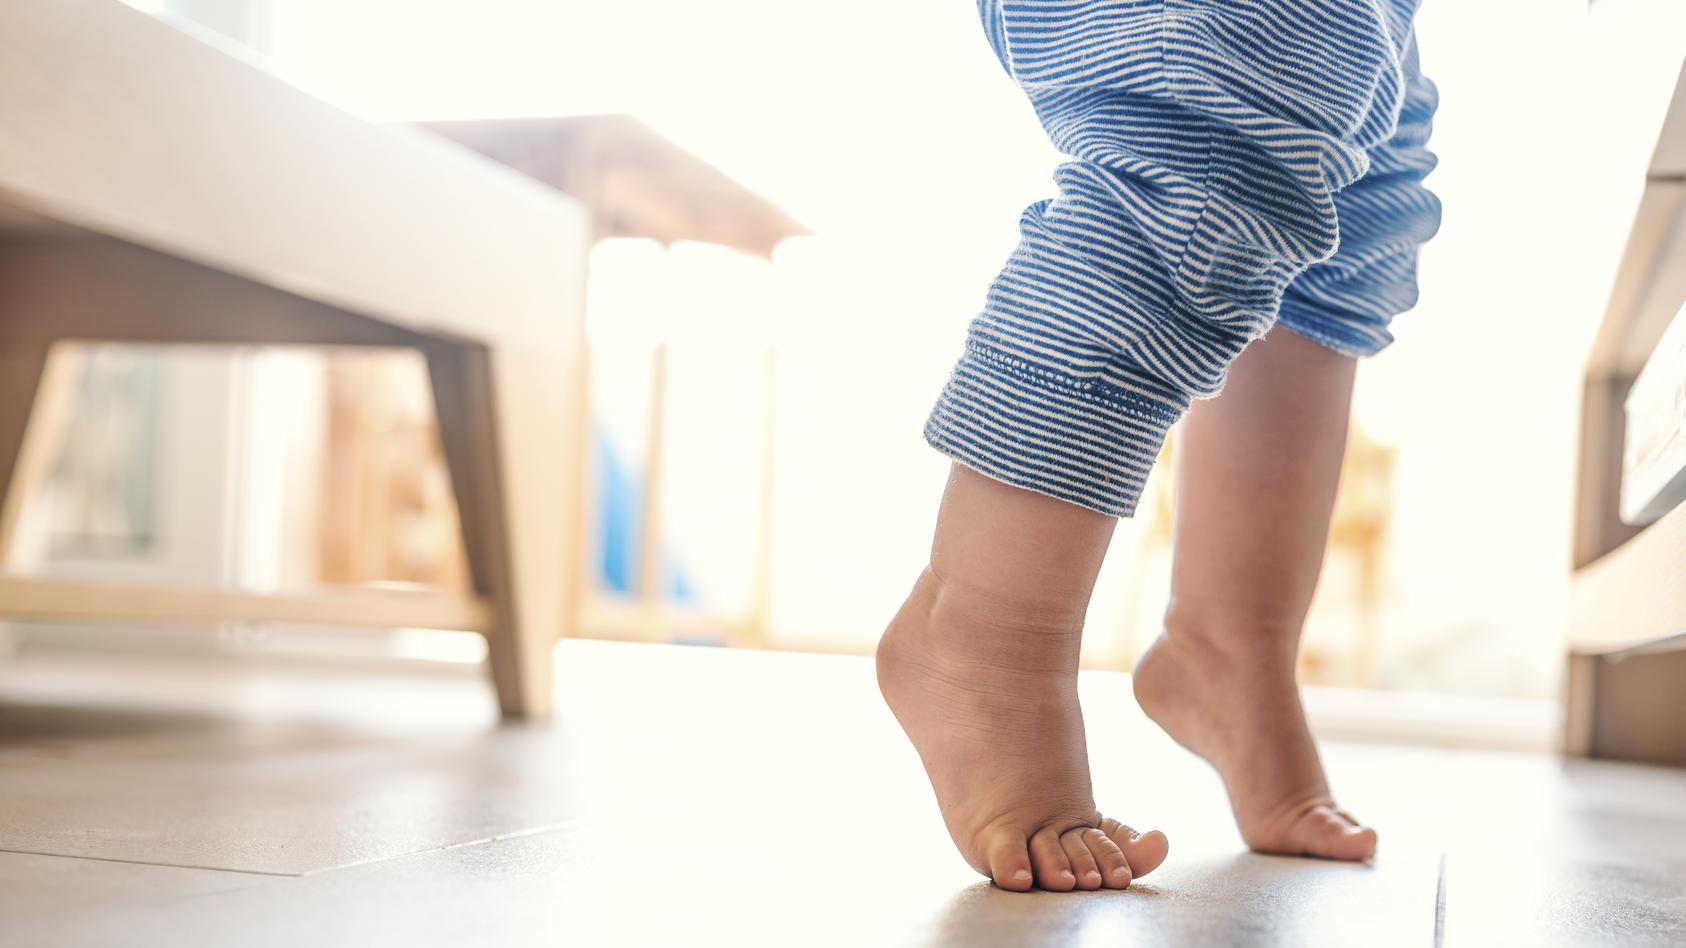 Im 8. Wachstumsschub zu Beginn des zweiten Lebensjahres lernt das Baby unter anderem das Laufen und wird etwas launisch. So können Sie Ihr Kind während dieser Phase unterstützen.